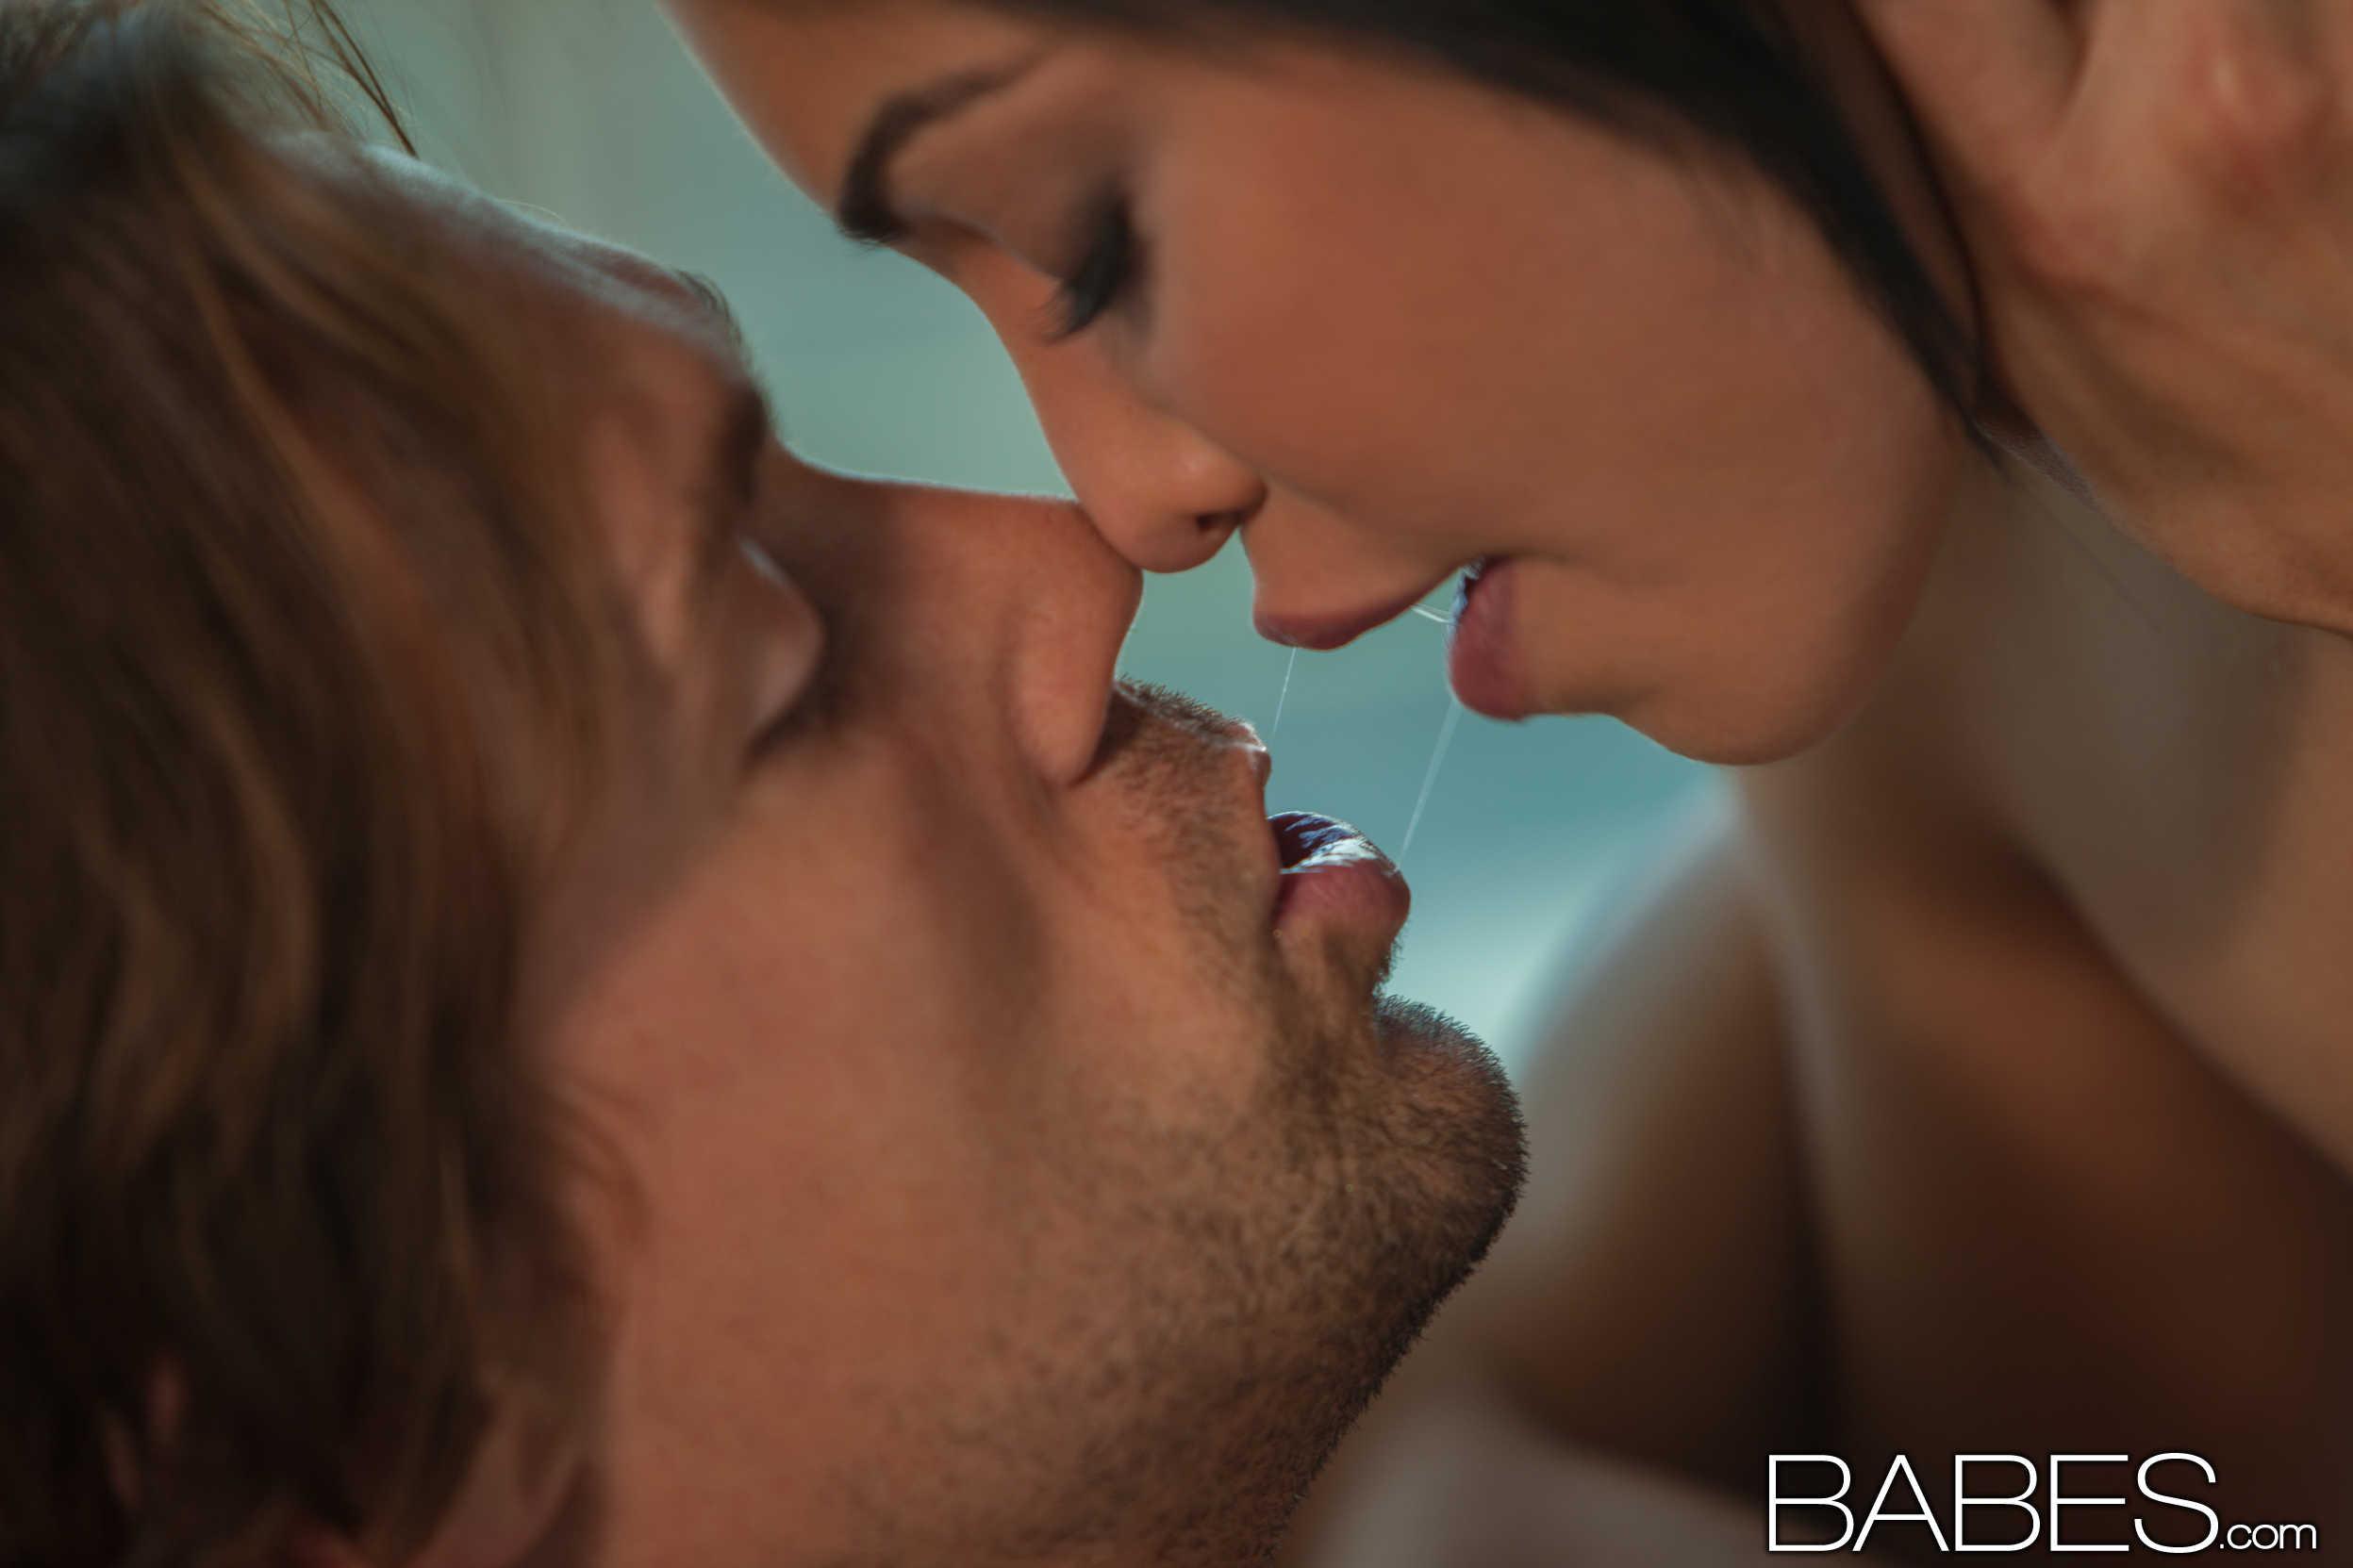 Смотреть, секс на работе. Красивое порно онлайн